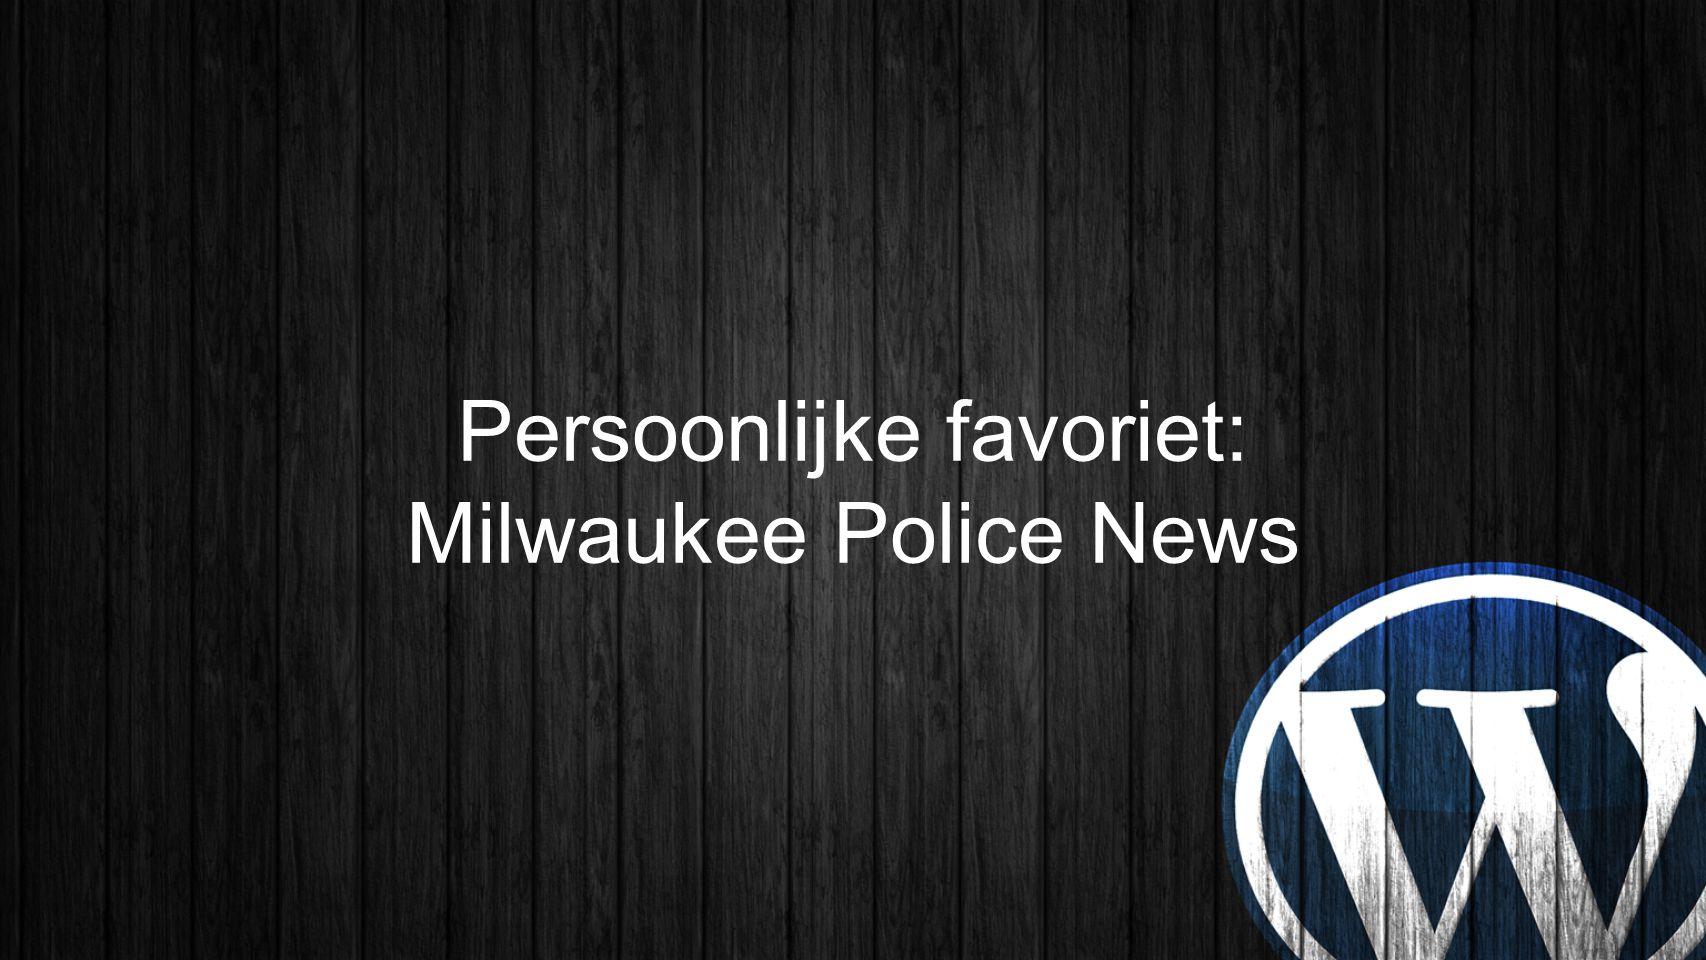 Persoonlijke favoriet: Milwaukee Police News